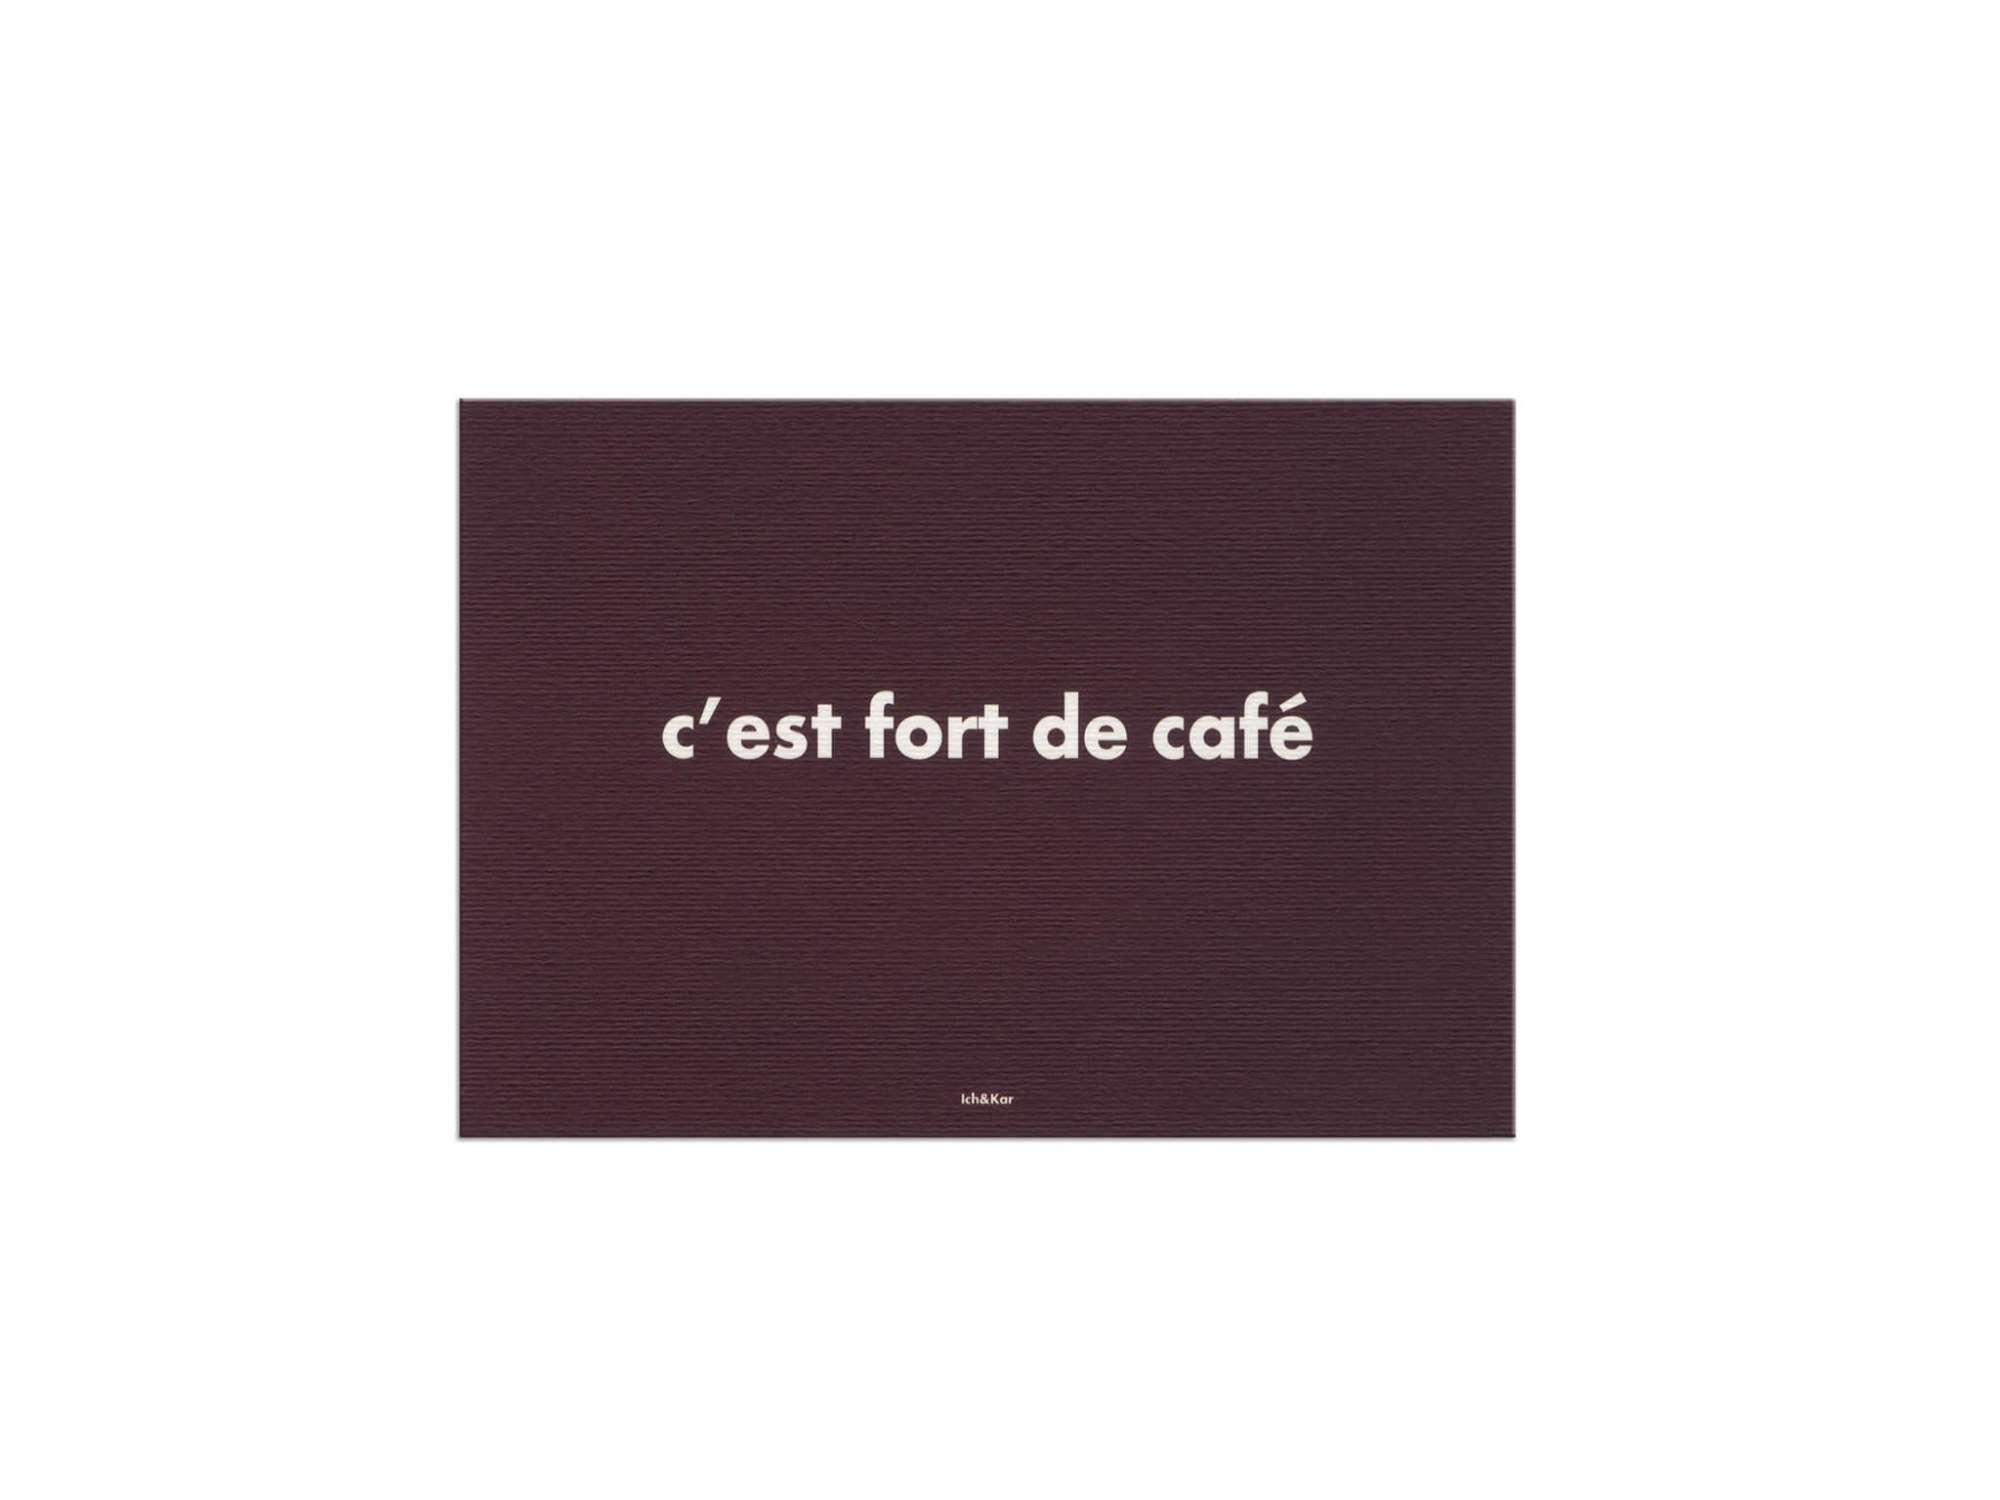 C'est fort de café, carte marron par IchetKar